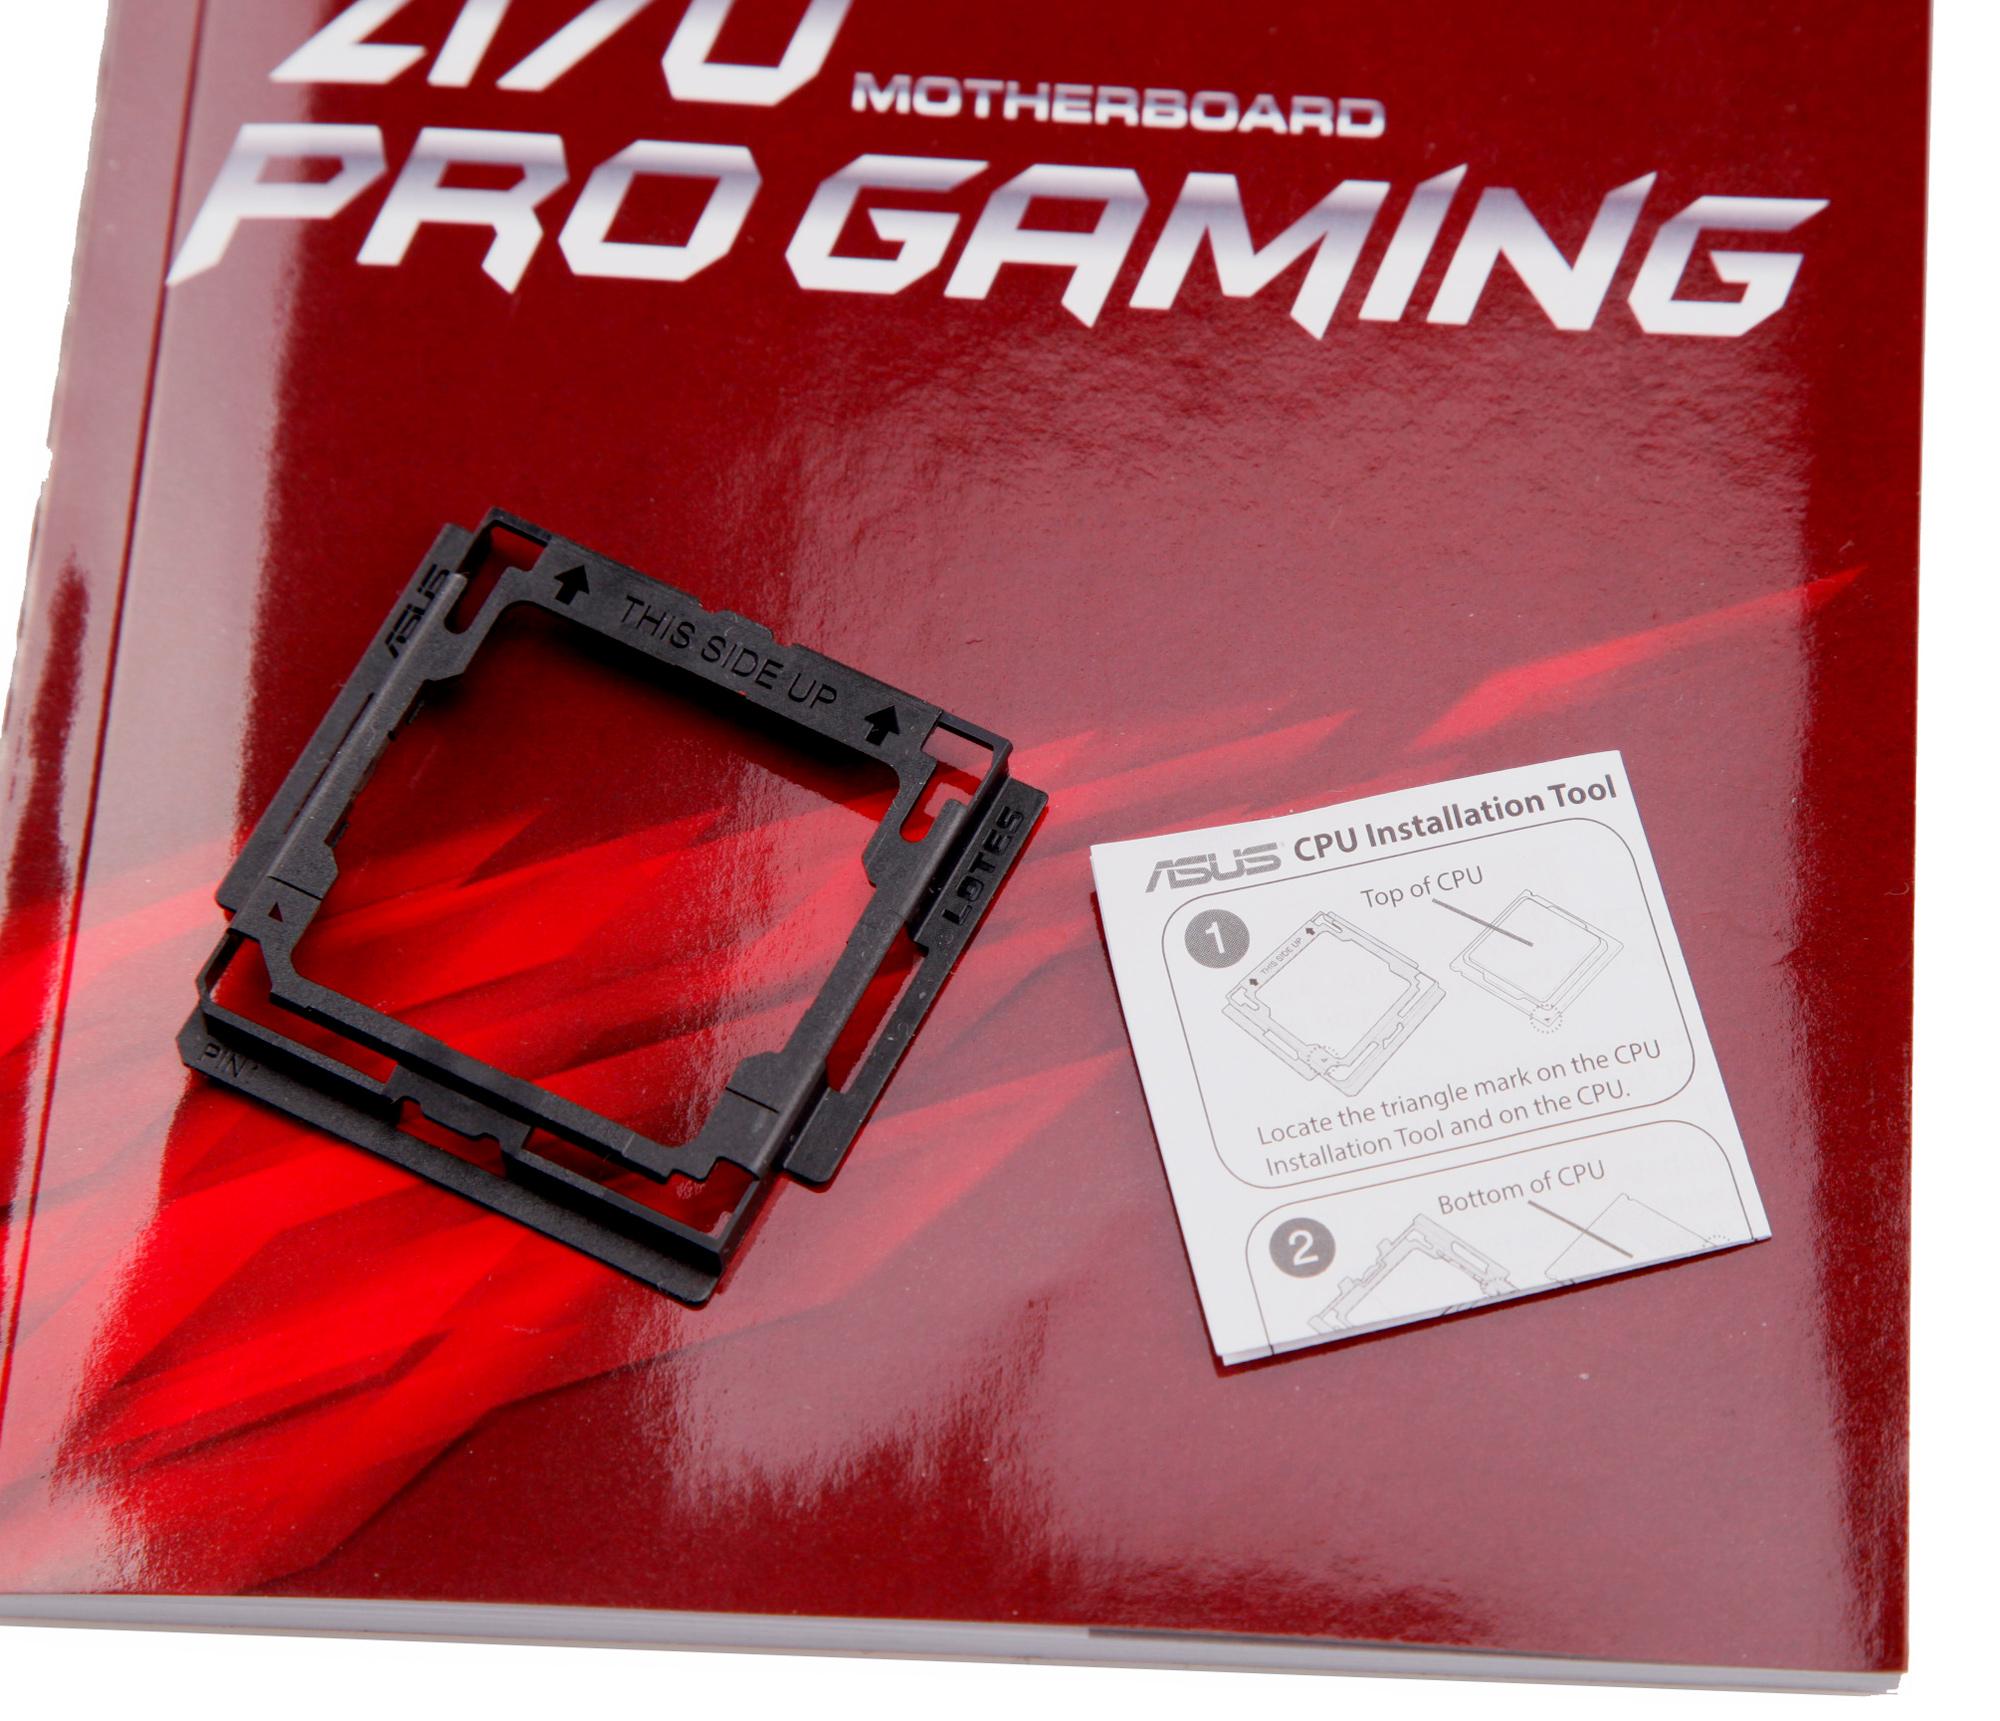 Z170_ProGaming_3